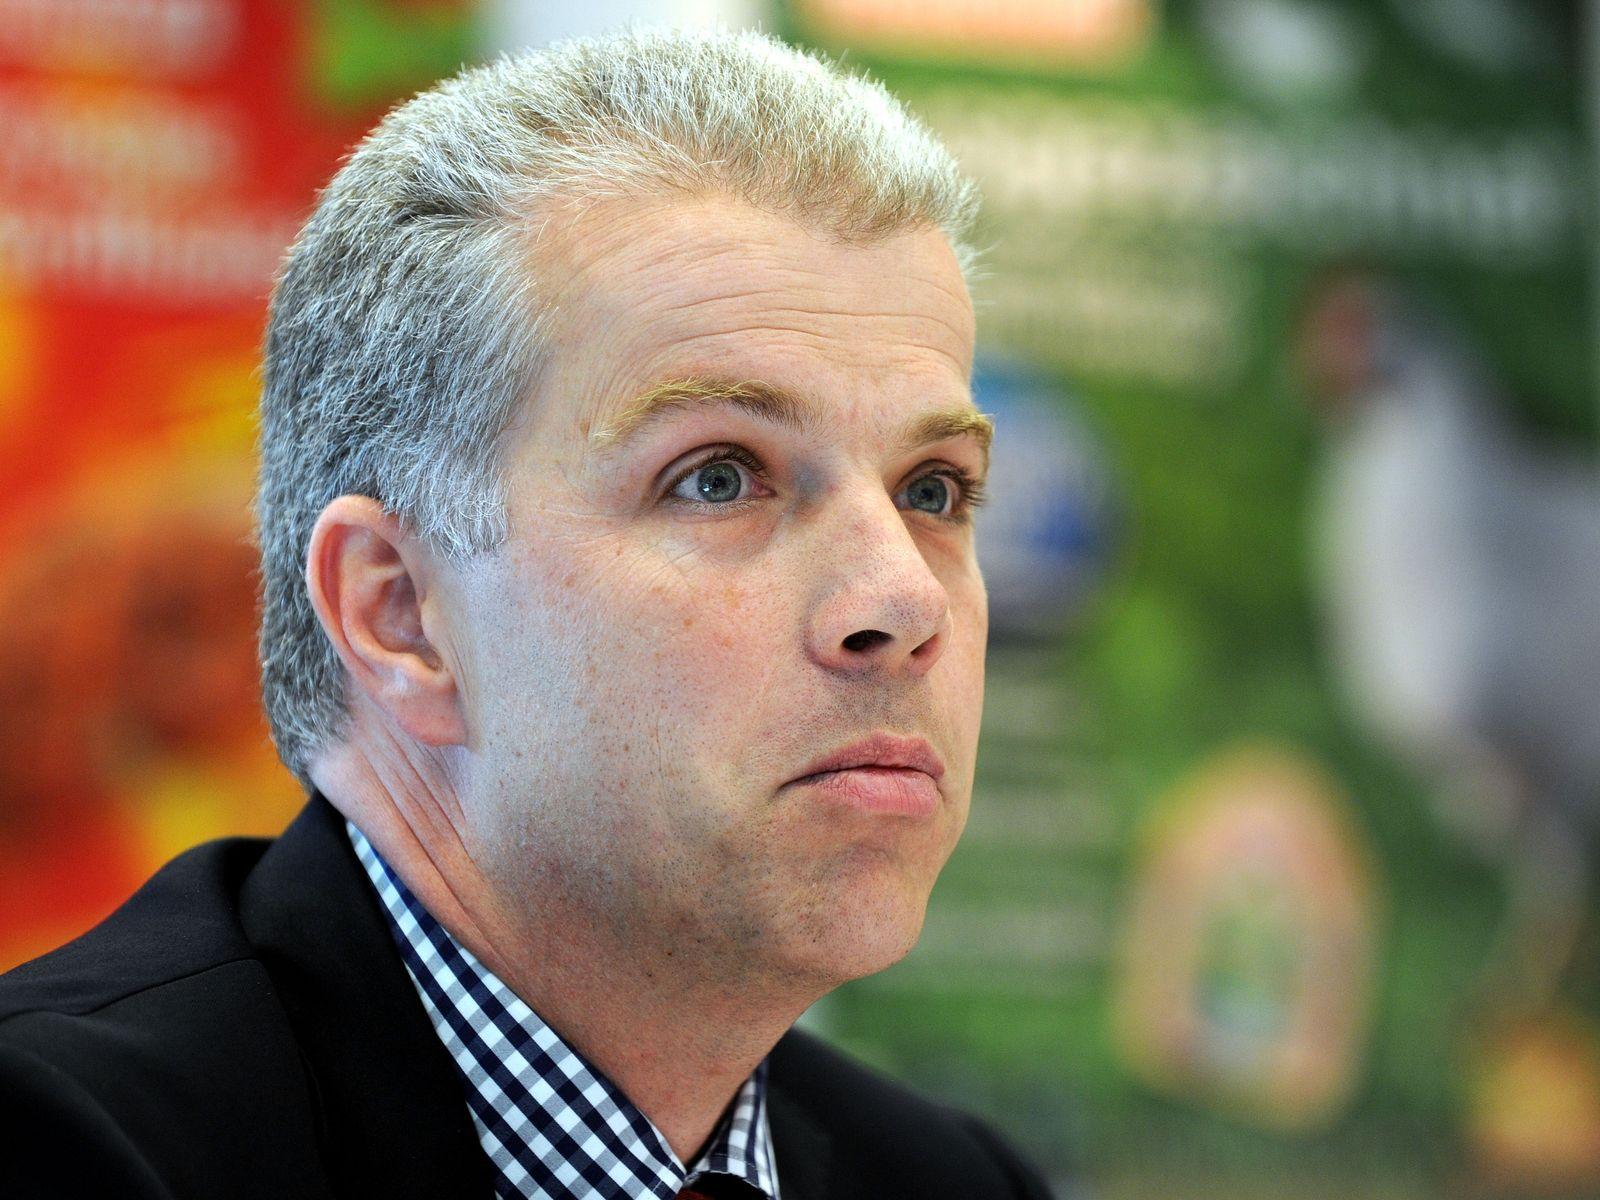 Peter Wesjohann